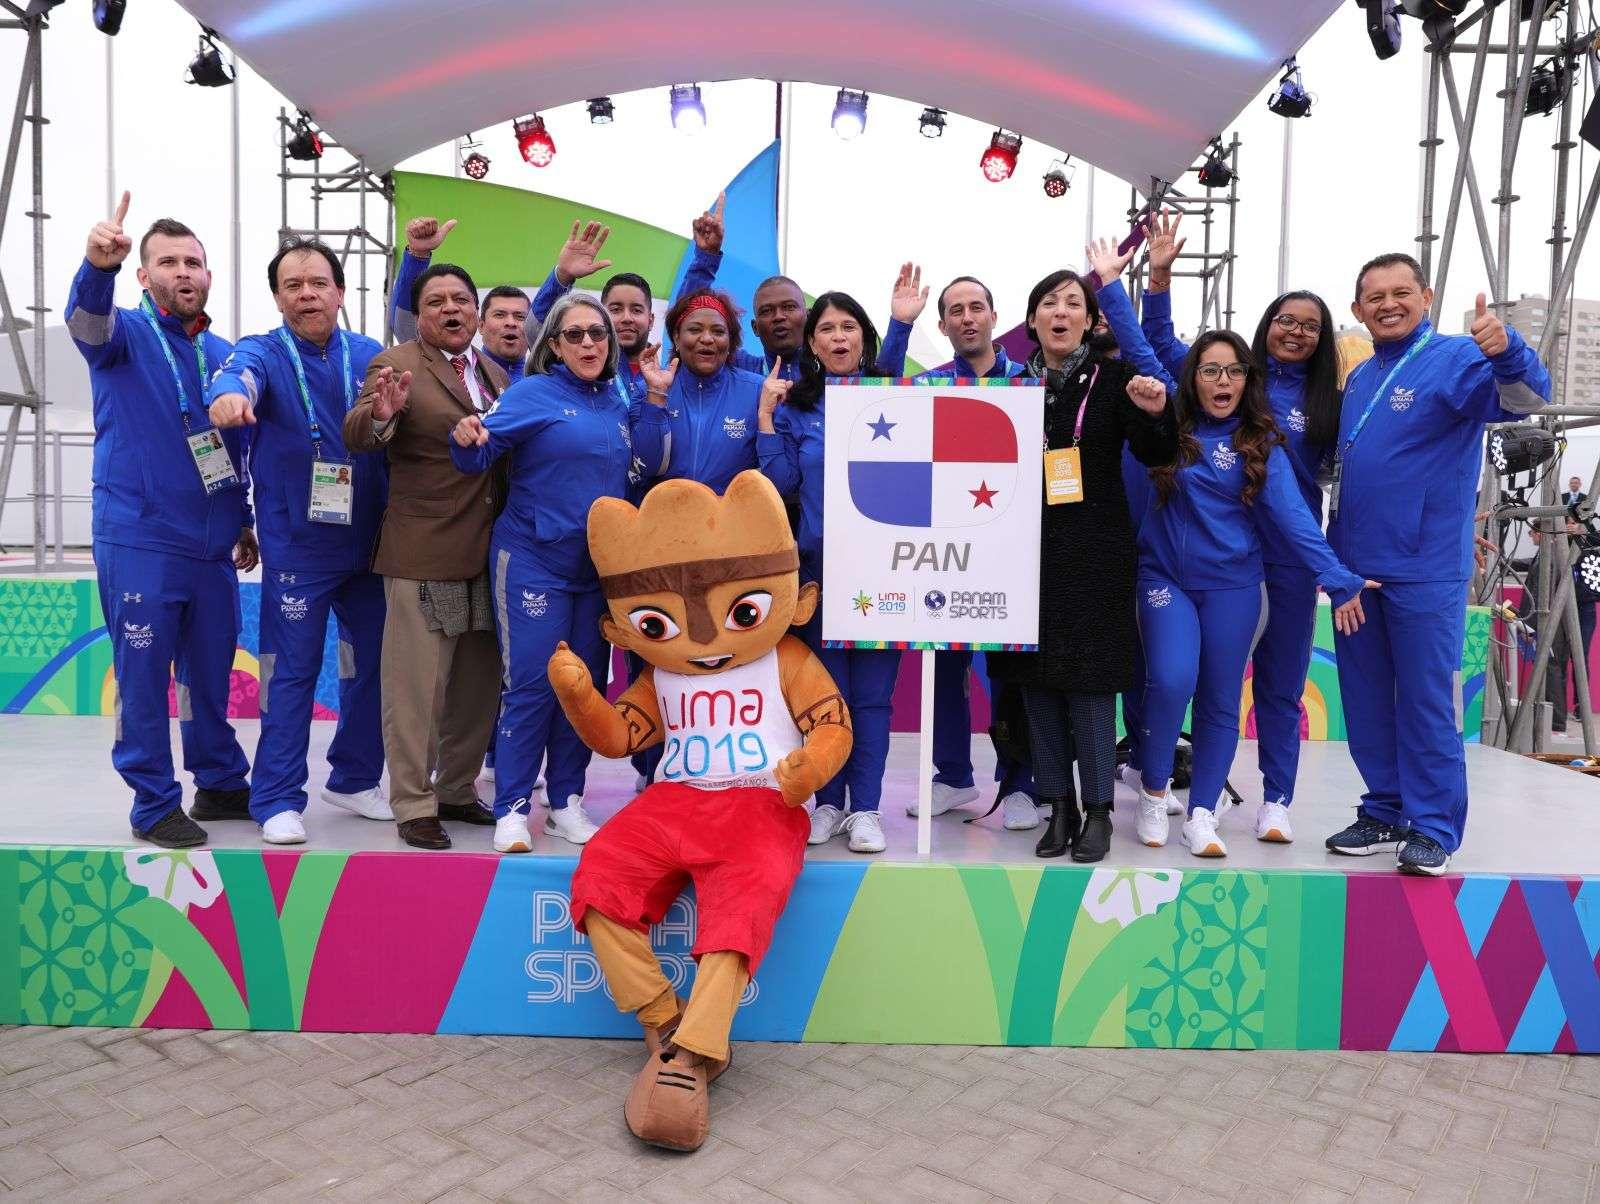 Panamá está representada por 84 atletas, que competirán desde este viernes 26 de julio en 18 deportes. Foto: COP